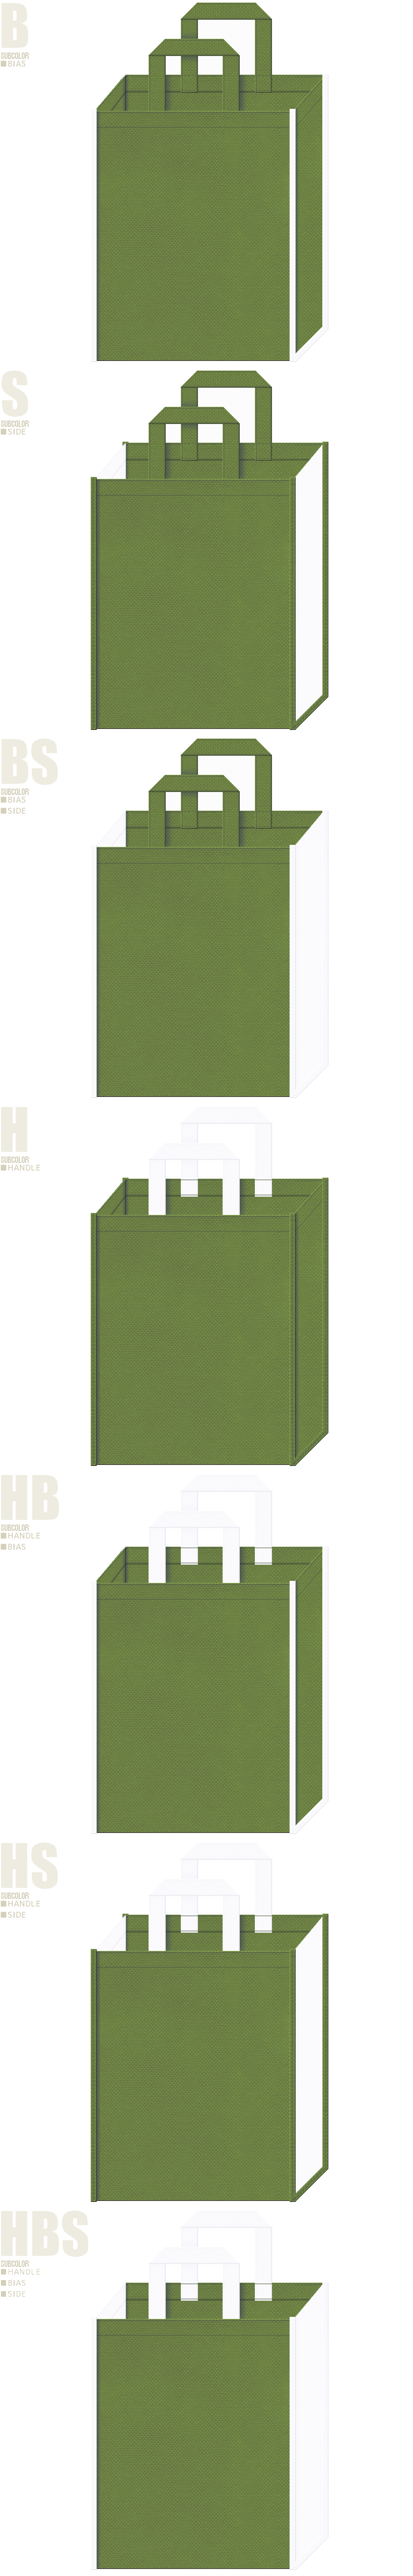 草色と白色、7パターンの不織布トートバッグ配色デザイン例。夏の和風催事にお奨めです。抹茶氷、抹茶アイス風。